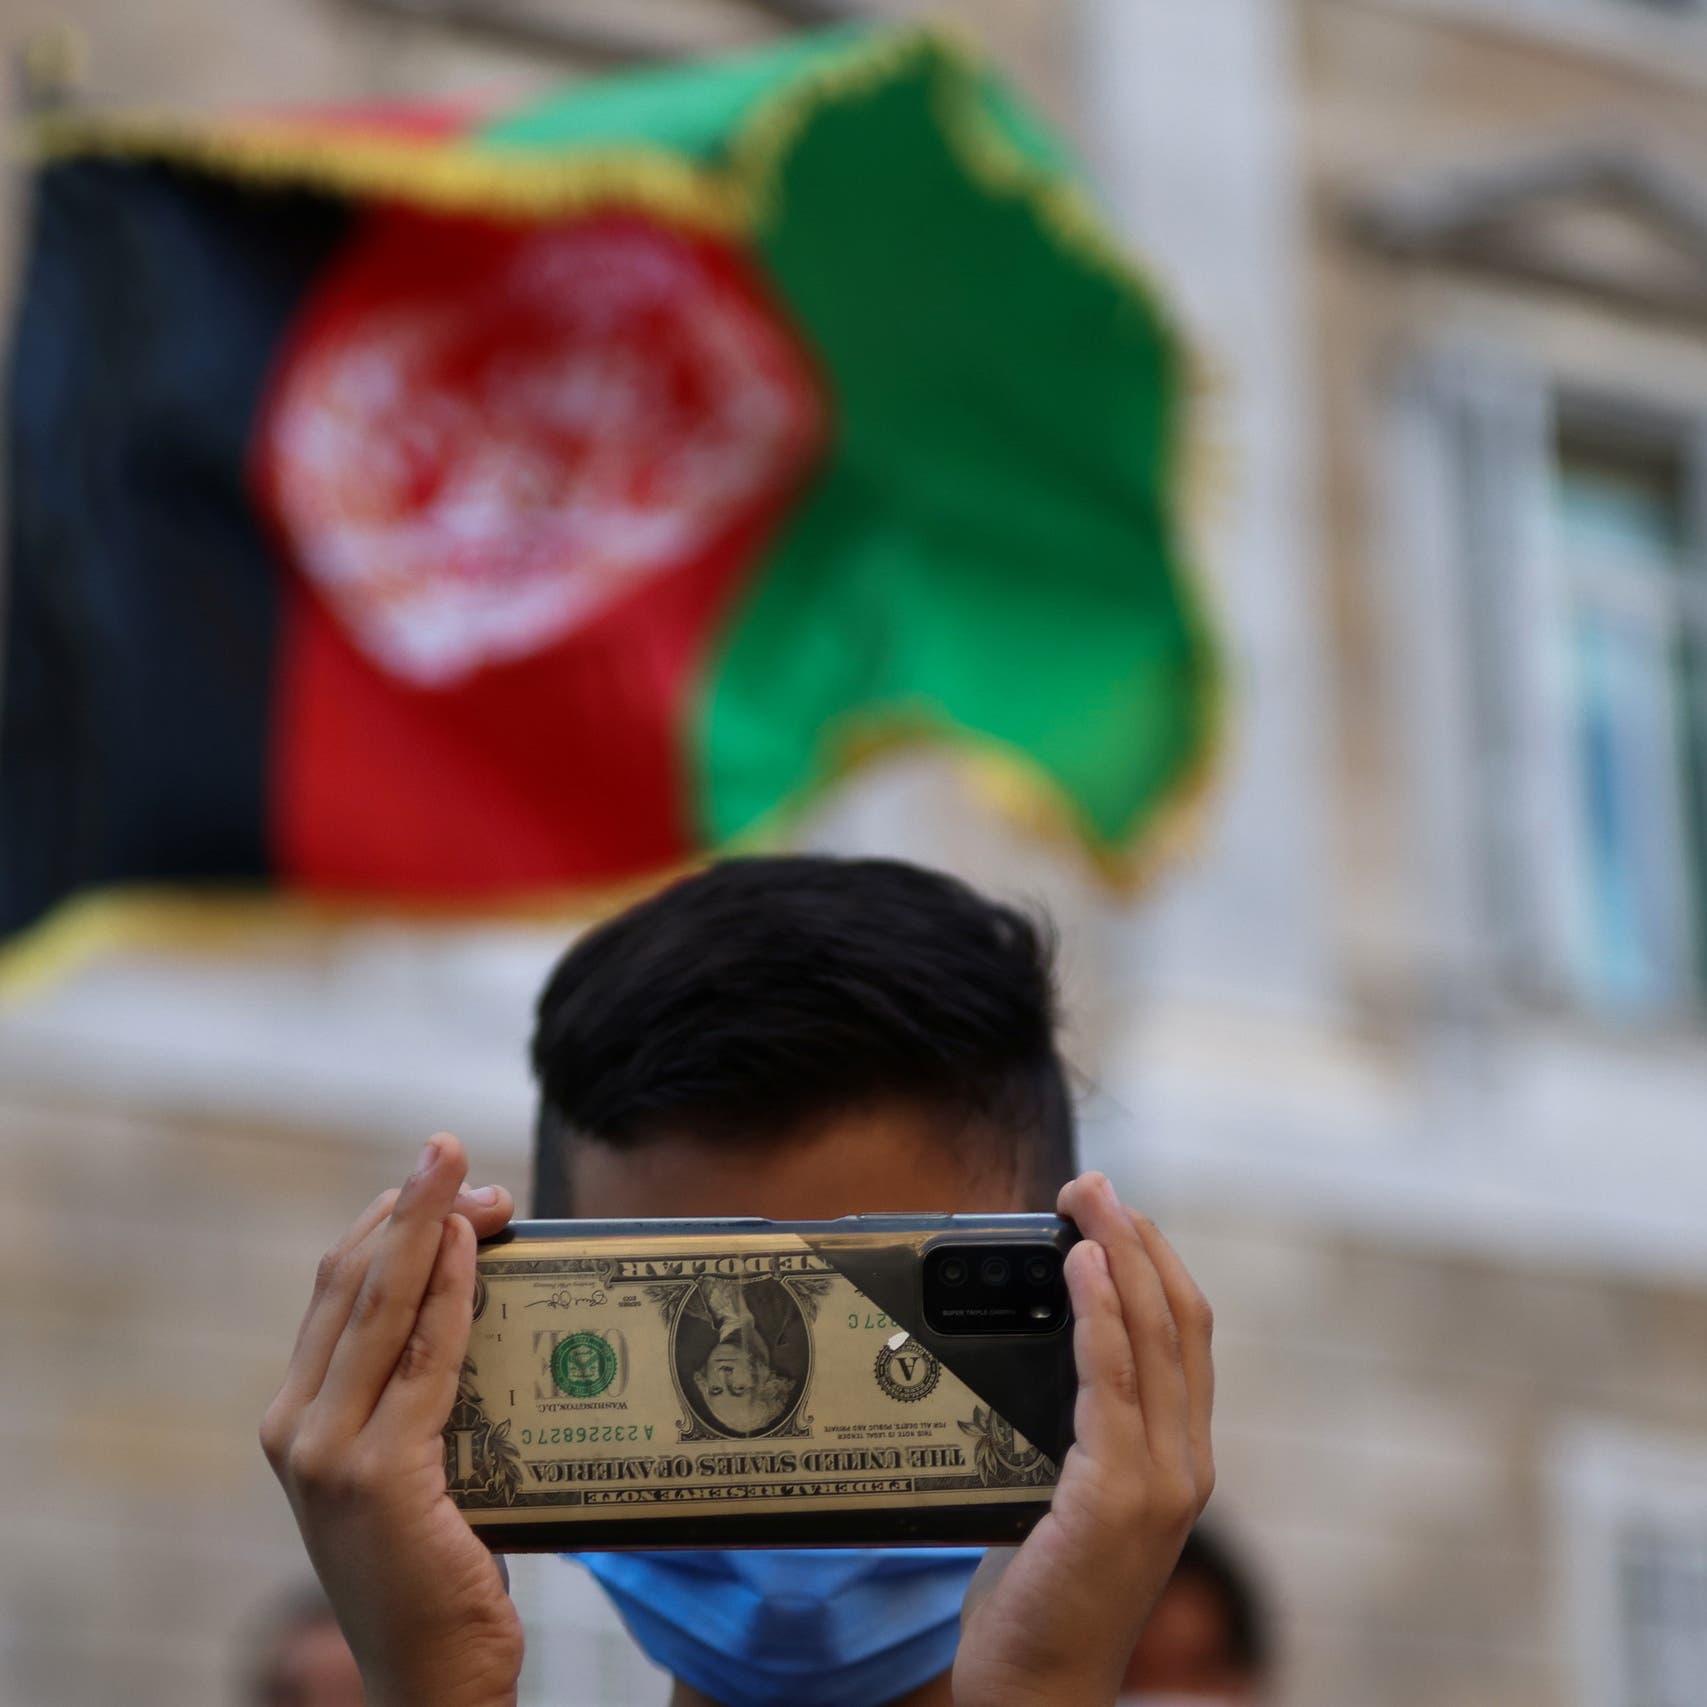 صندوق النقديعلق وصول أفغانستان إلى موارده بعد استيلاء طالبان على السلطة